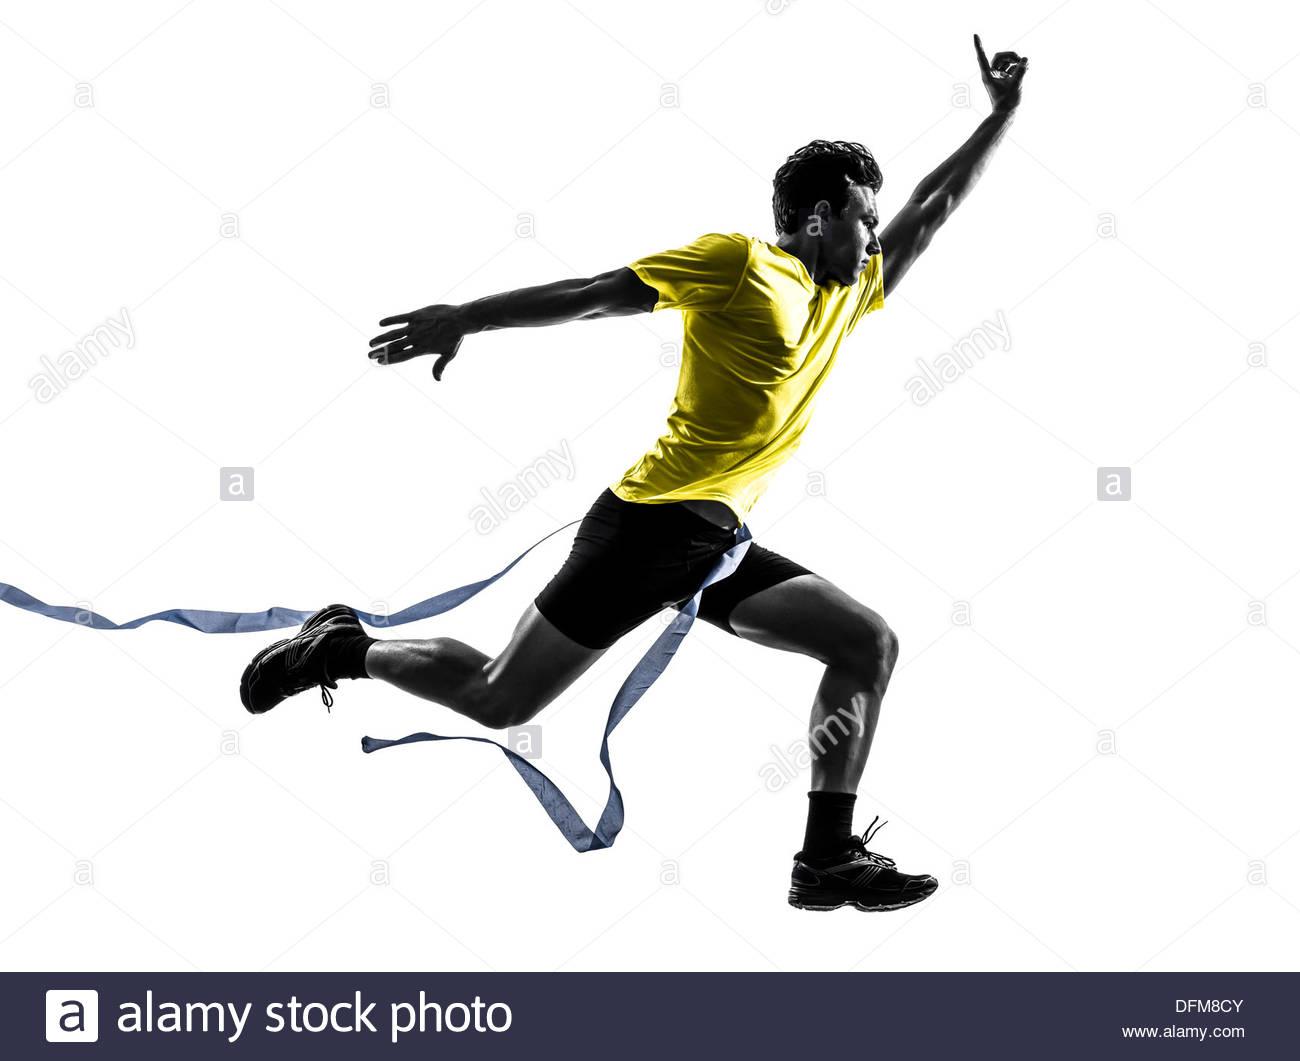 1300x1061 One Man Young Sprinter Runner Running Winner